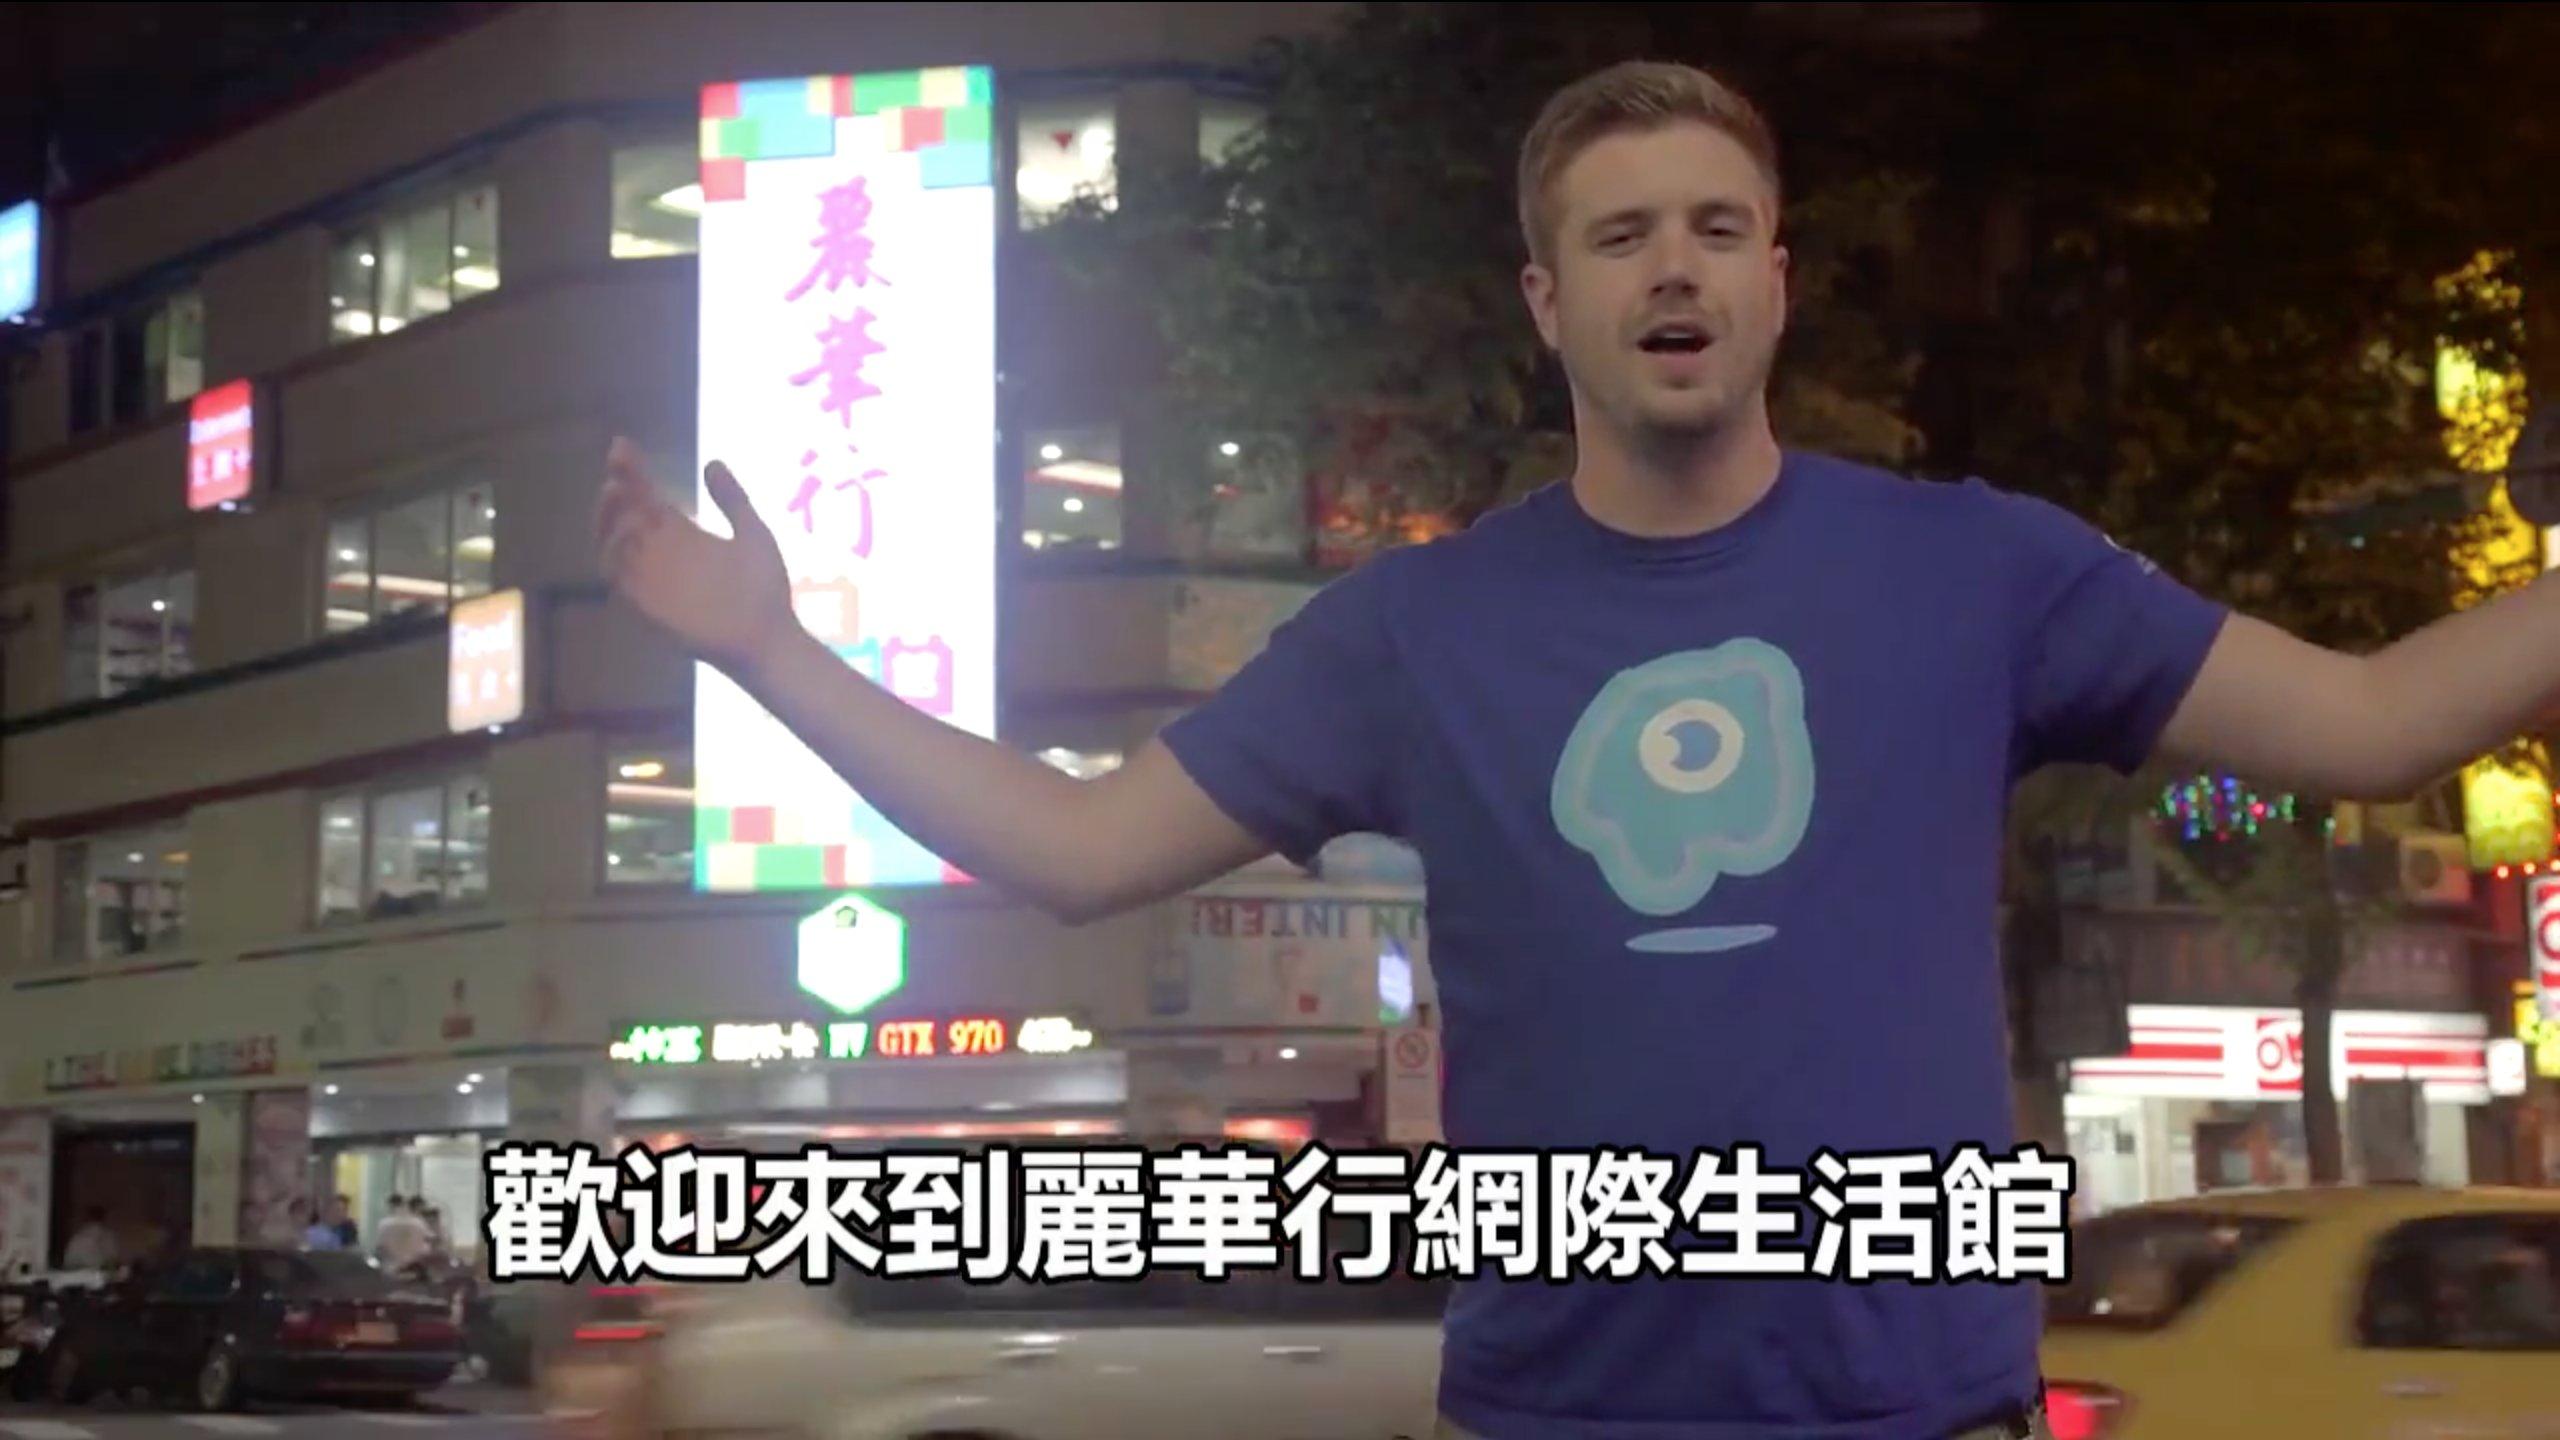 e89ea2e5b995e5bfabe785a7 2017 12 05 e4b88be58d881 54 24 - 外國人眼裡的網咖 究竟是台灣之恥還是台灣之光?